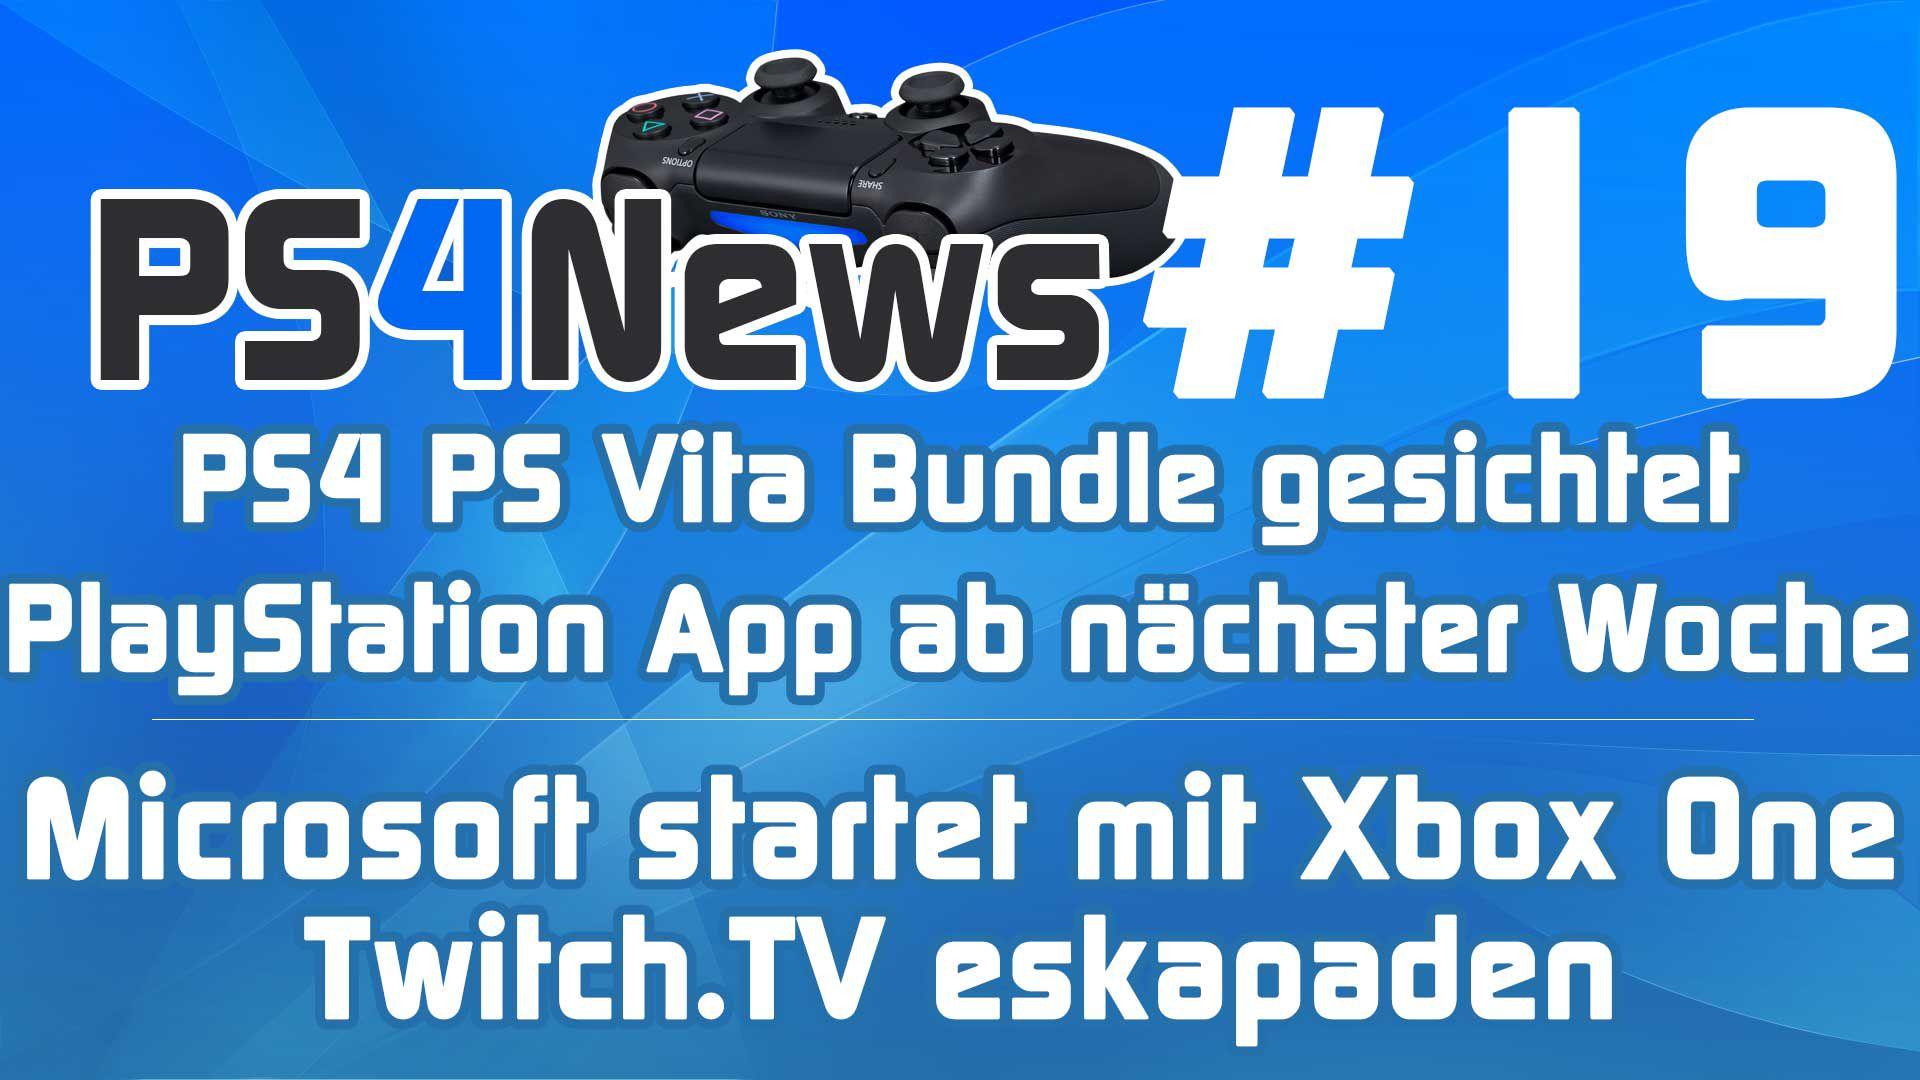 PS4 PS Vita Bundle gesichtet – PlayStation App nächste Woche – Startschuss für Xbox One